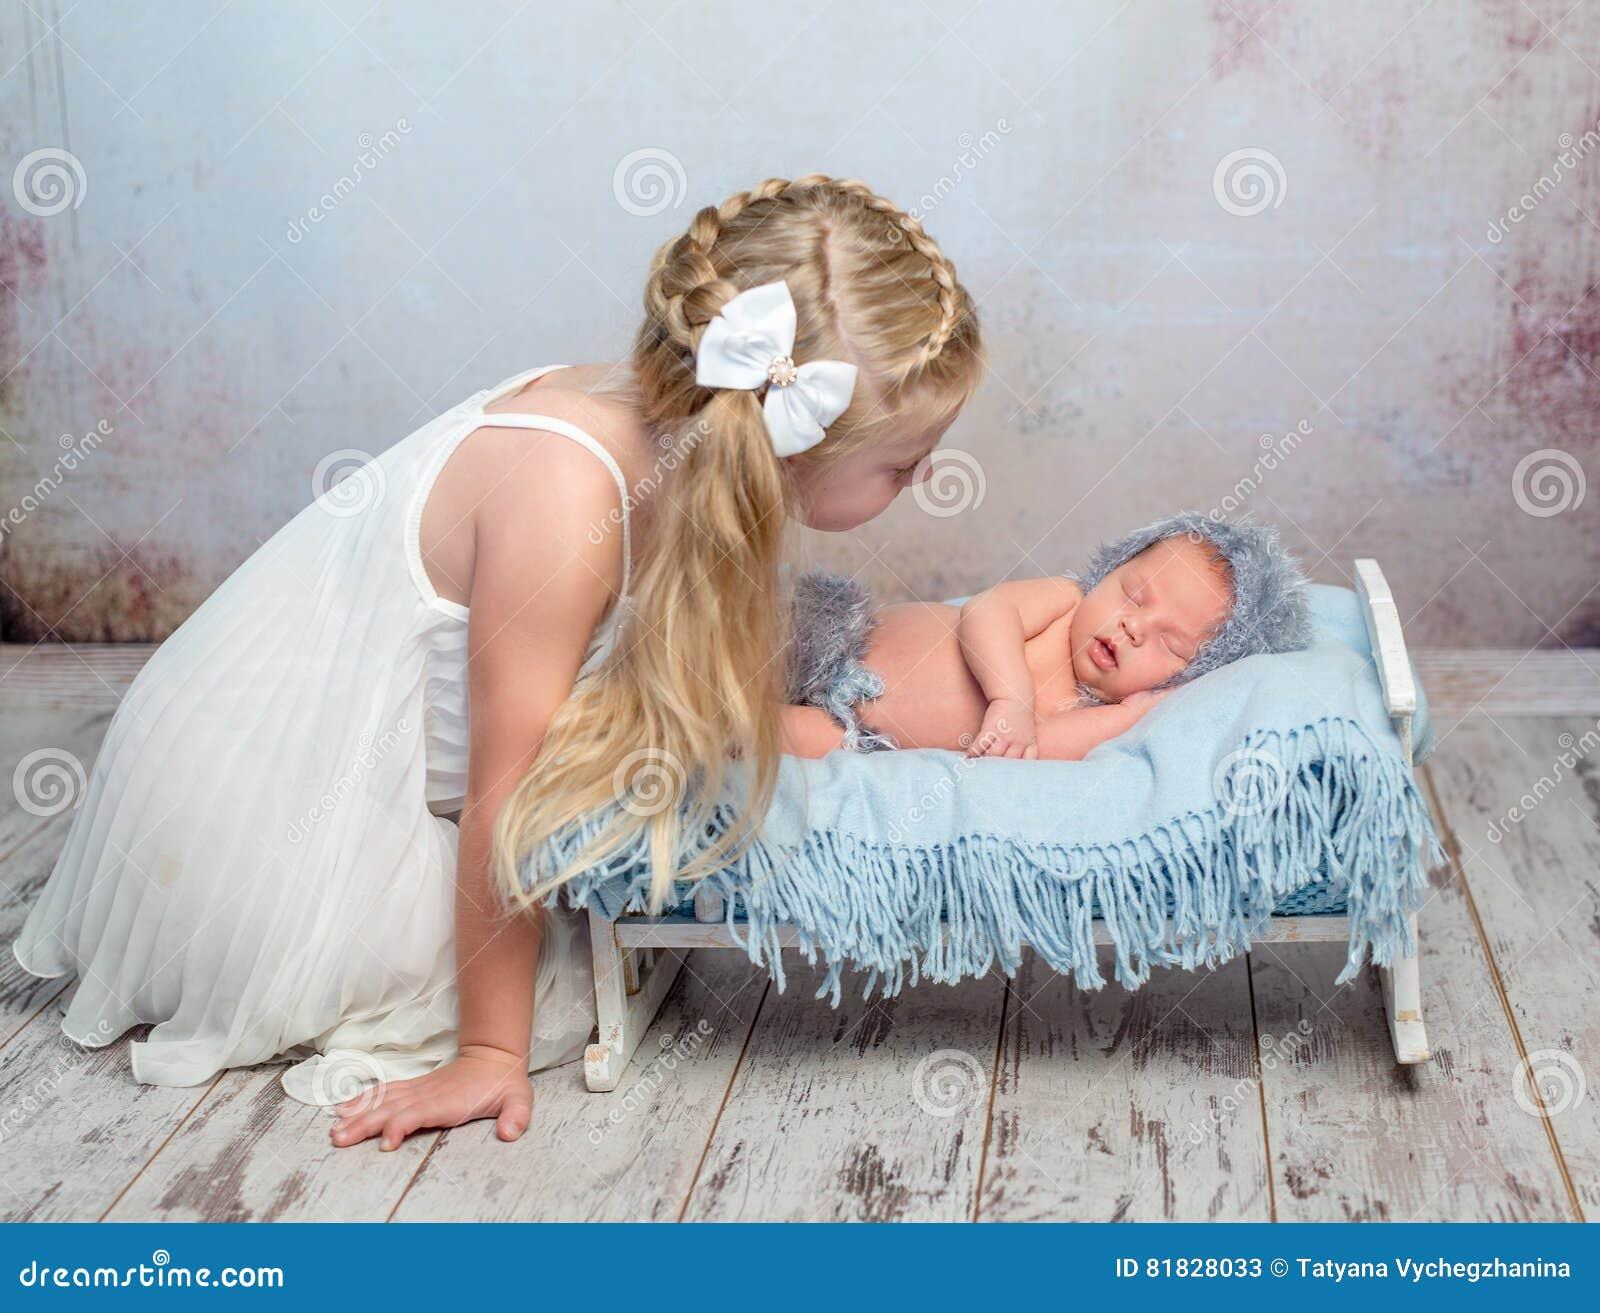 Slapen Pasgeboren Op Weinig Bed En Zijn Zuster Stock Afbeelding